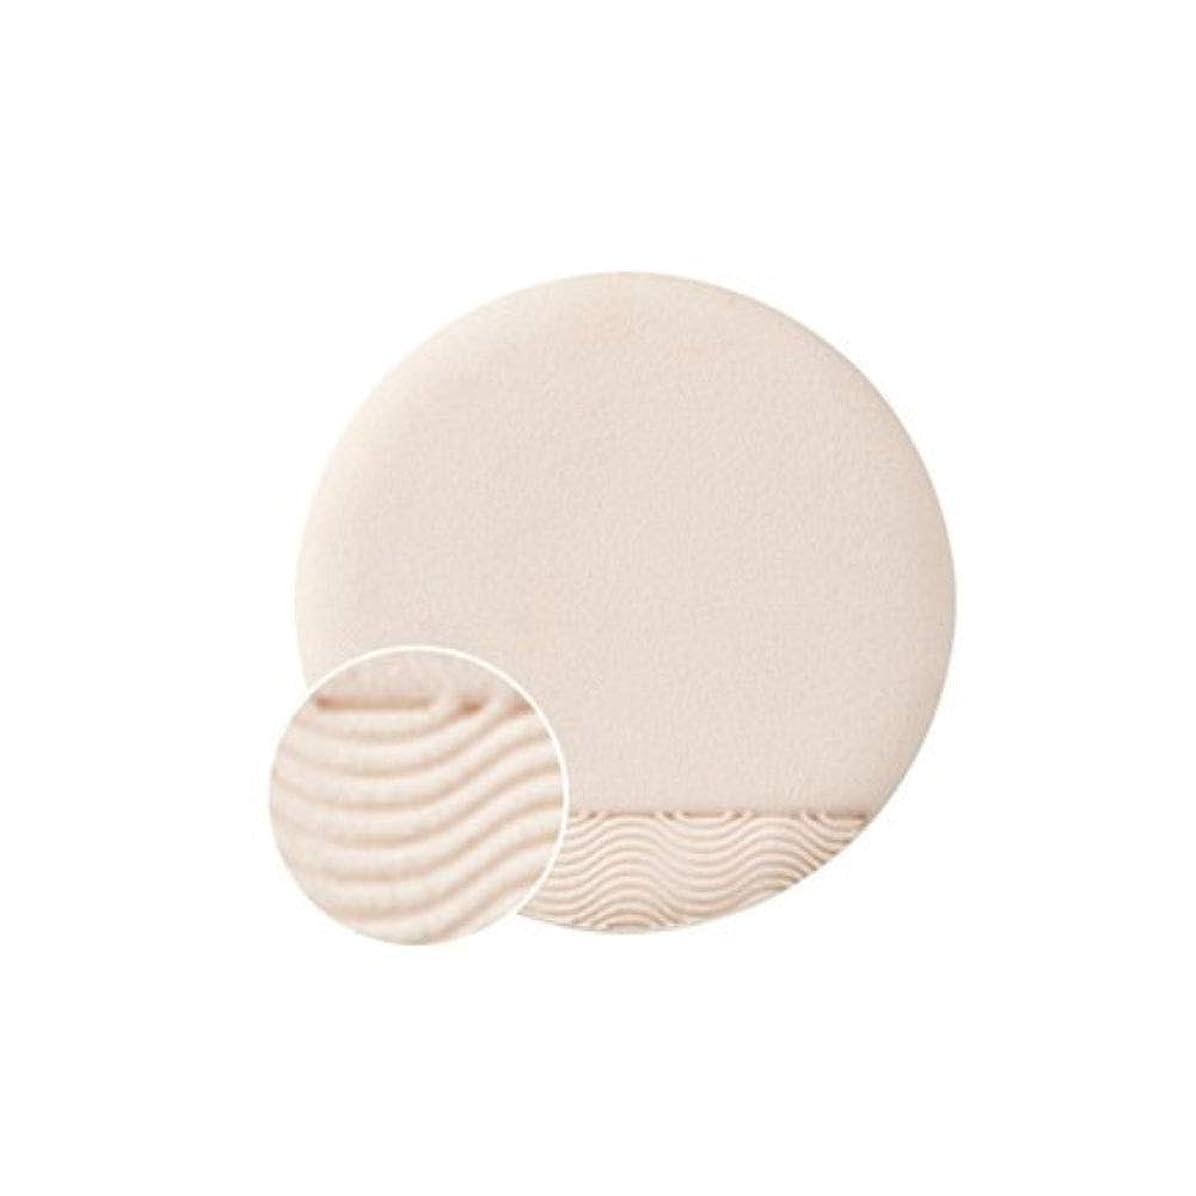 知的パッチペフクリオキルカバーコンシルクッションAD本品+リピルセットリネンカラー韓国コスメ、Clio Kill Cover Conceal Cushion AD+ Refill Set Linen Color Korean Cosmetic [並行輸入品]